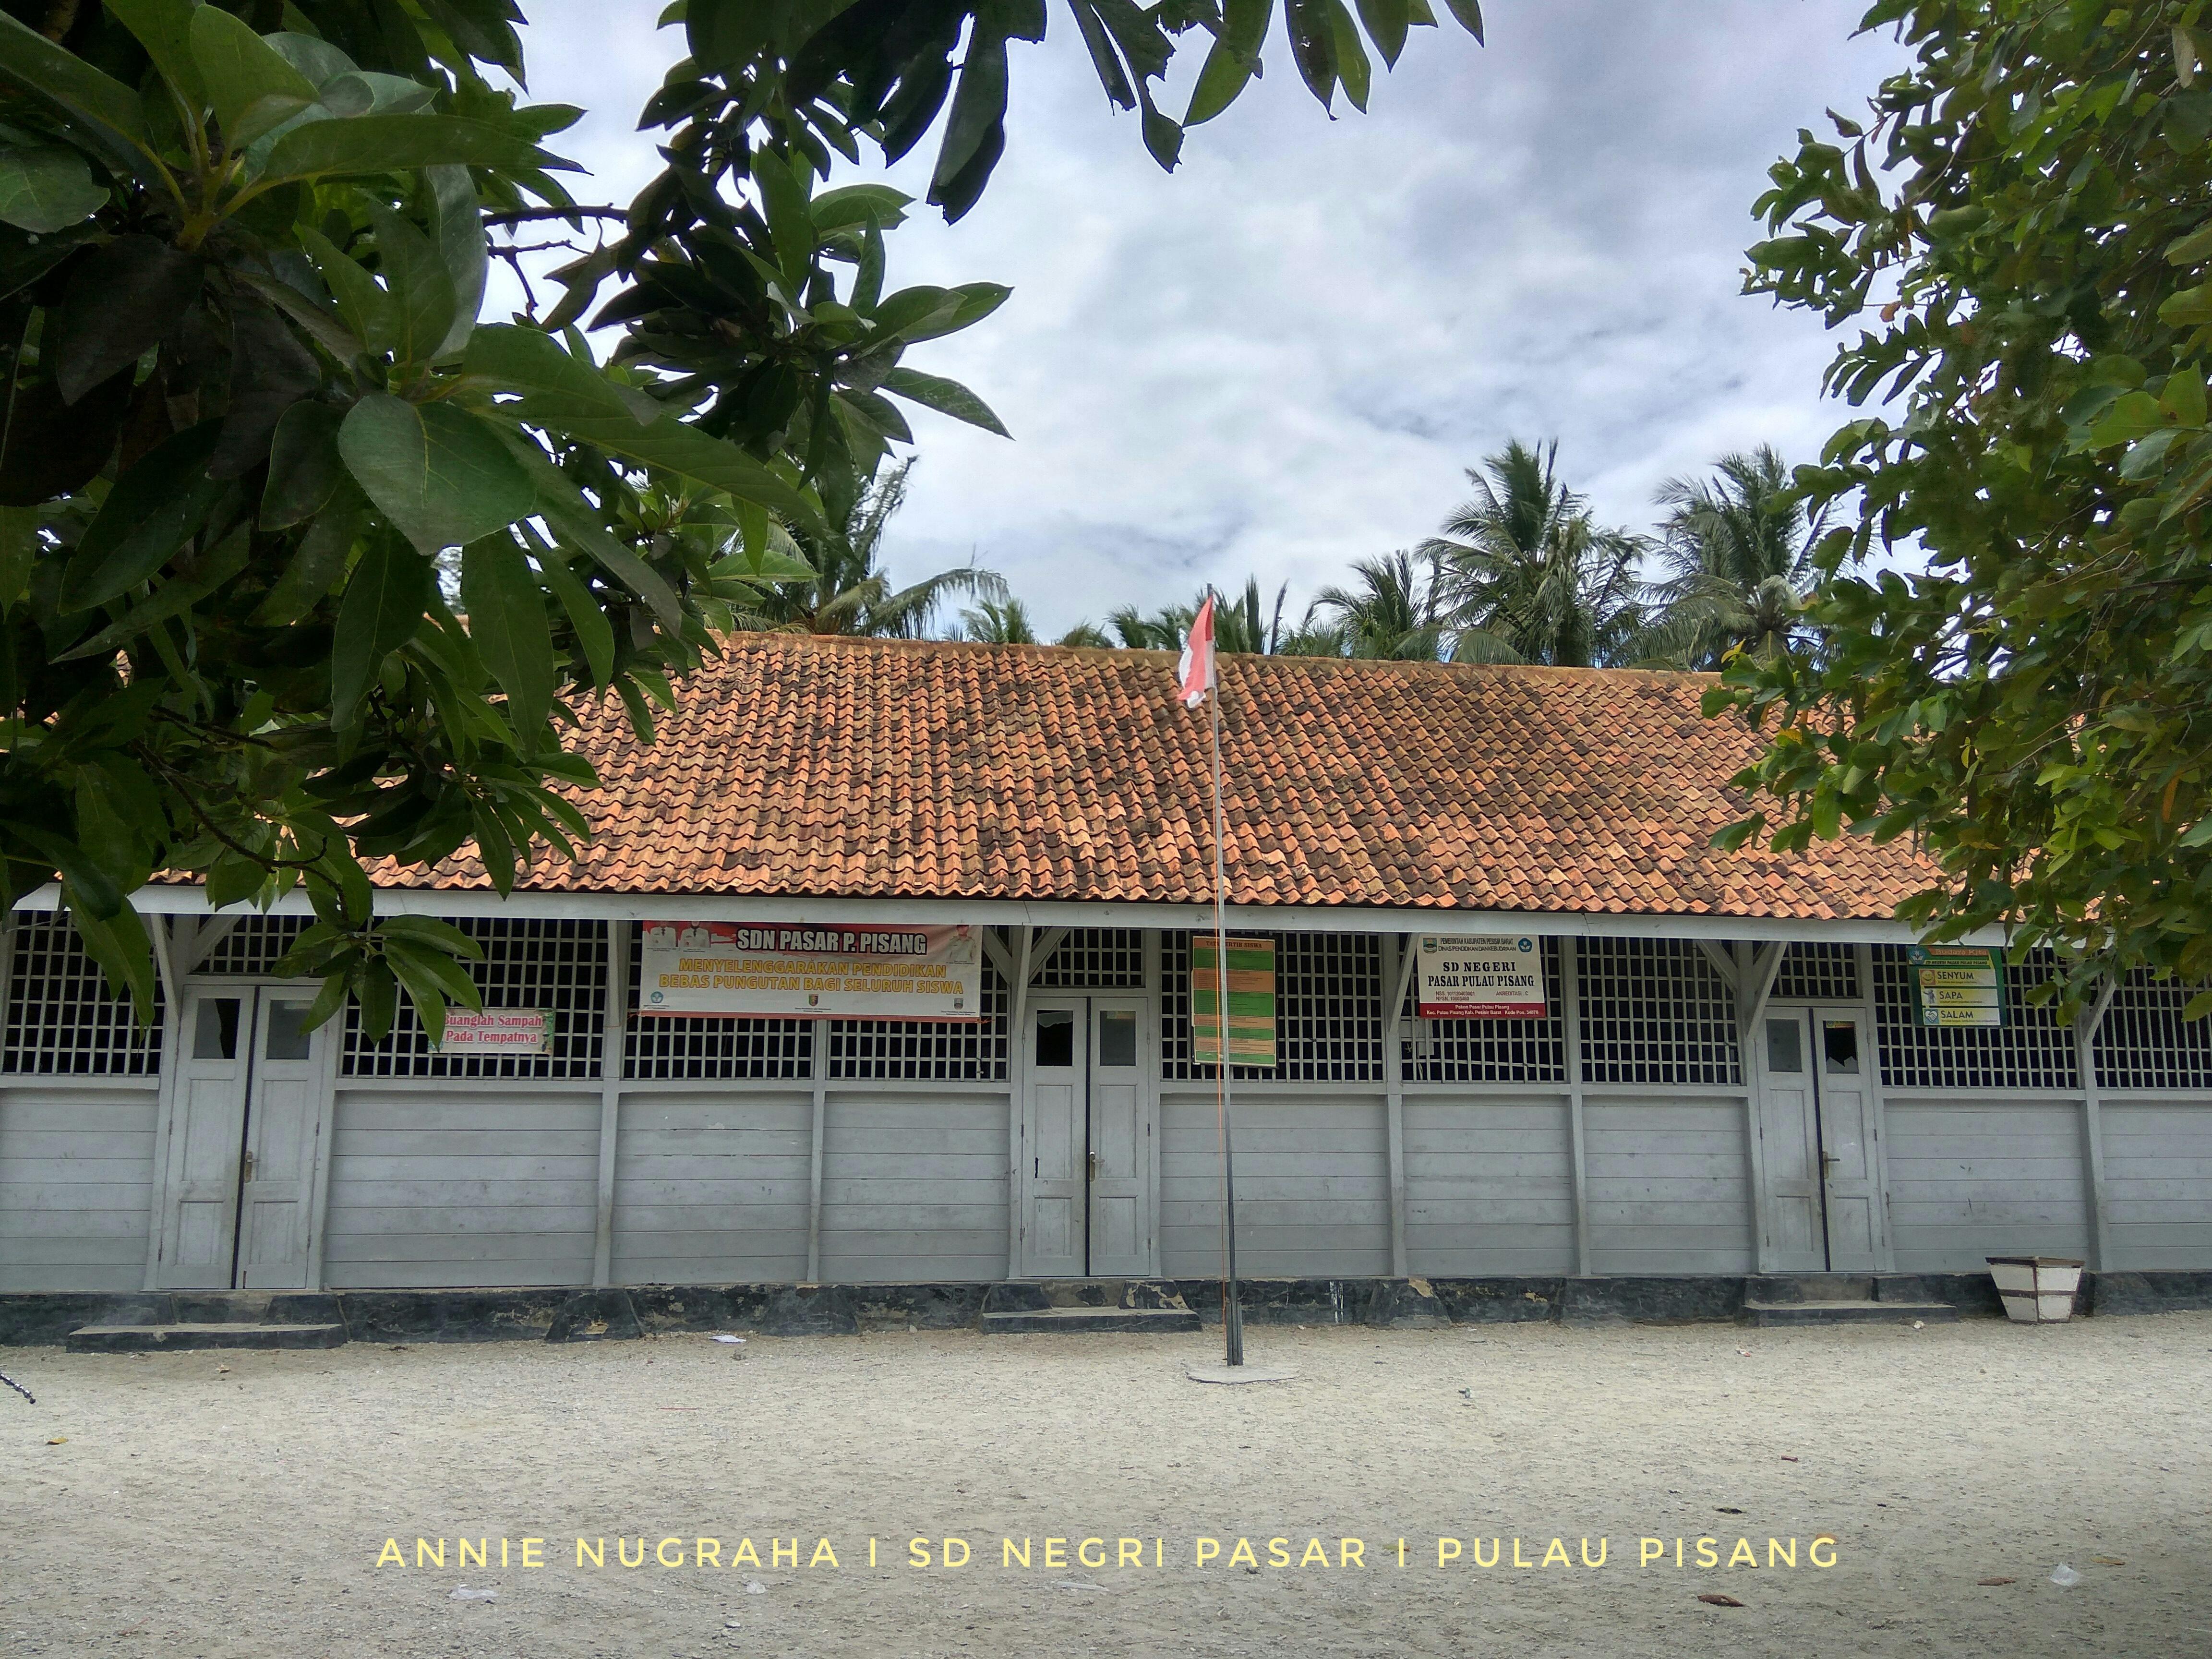 Hatiku Tertambat di Pulau Pisang - Kisah Perjalanan Seru di Pesisir Barat Lampung